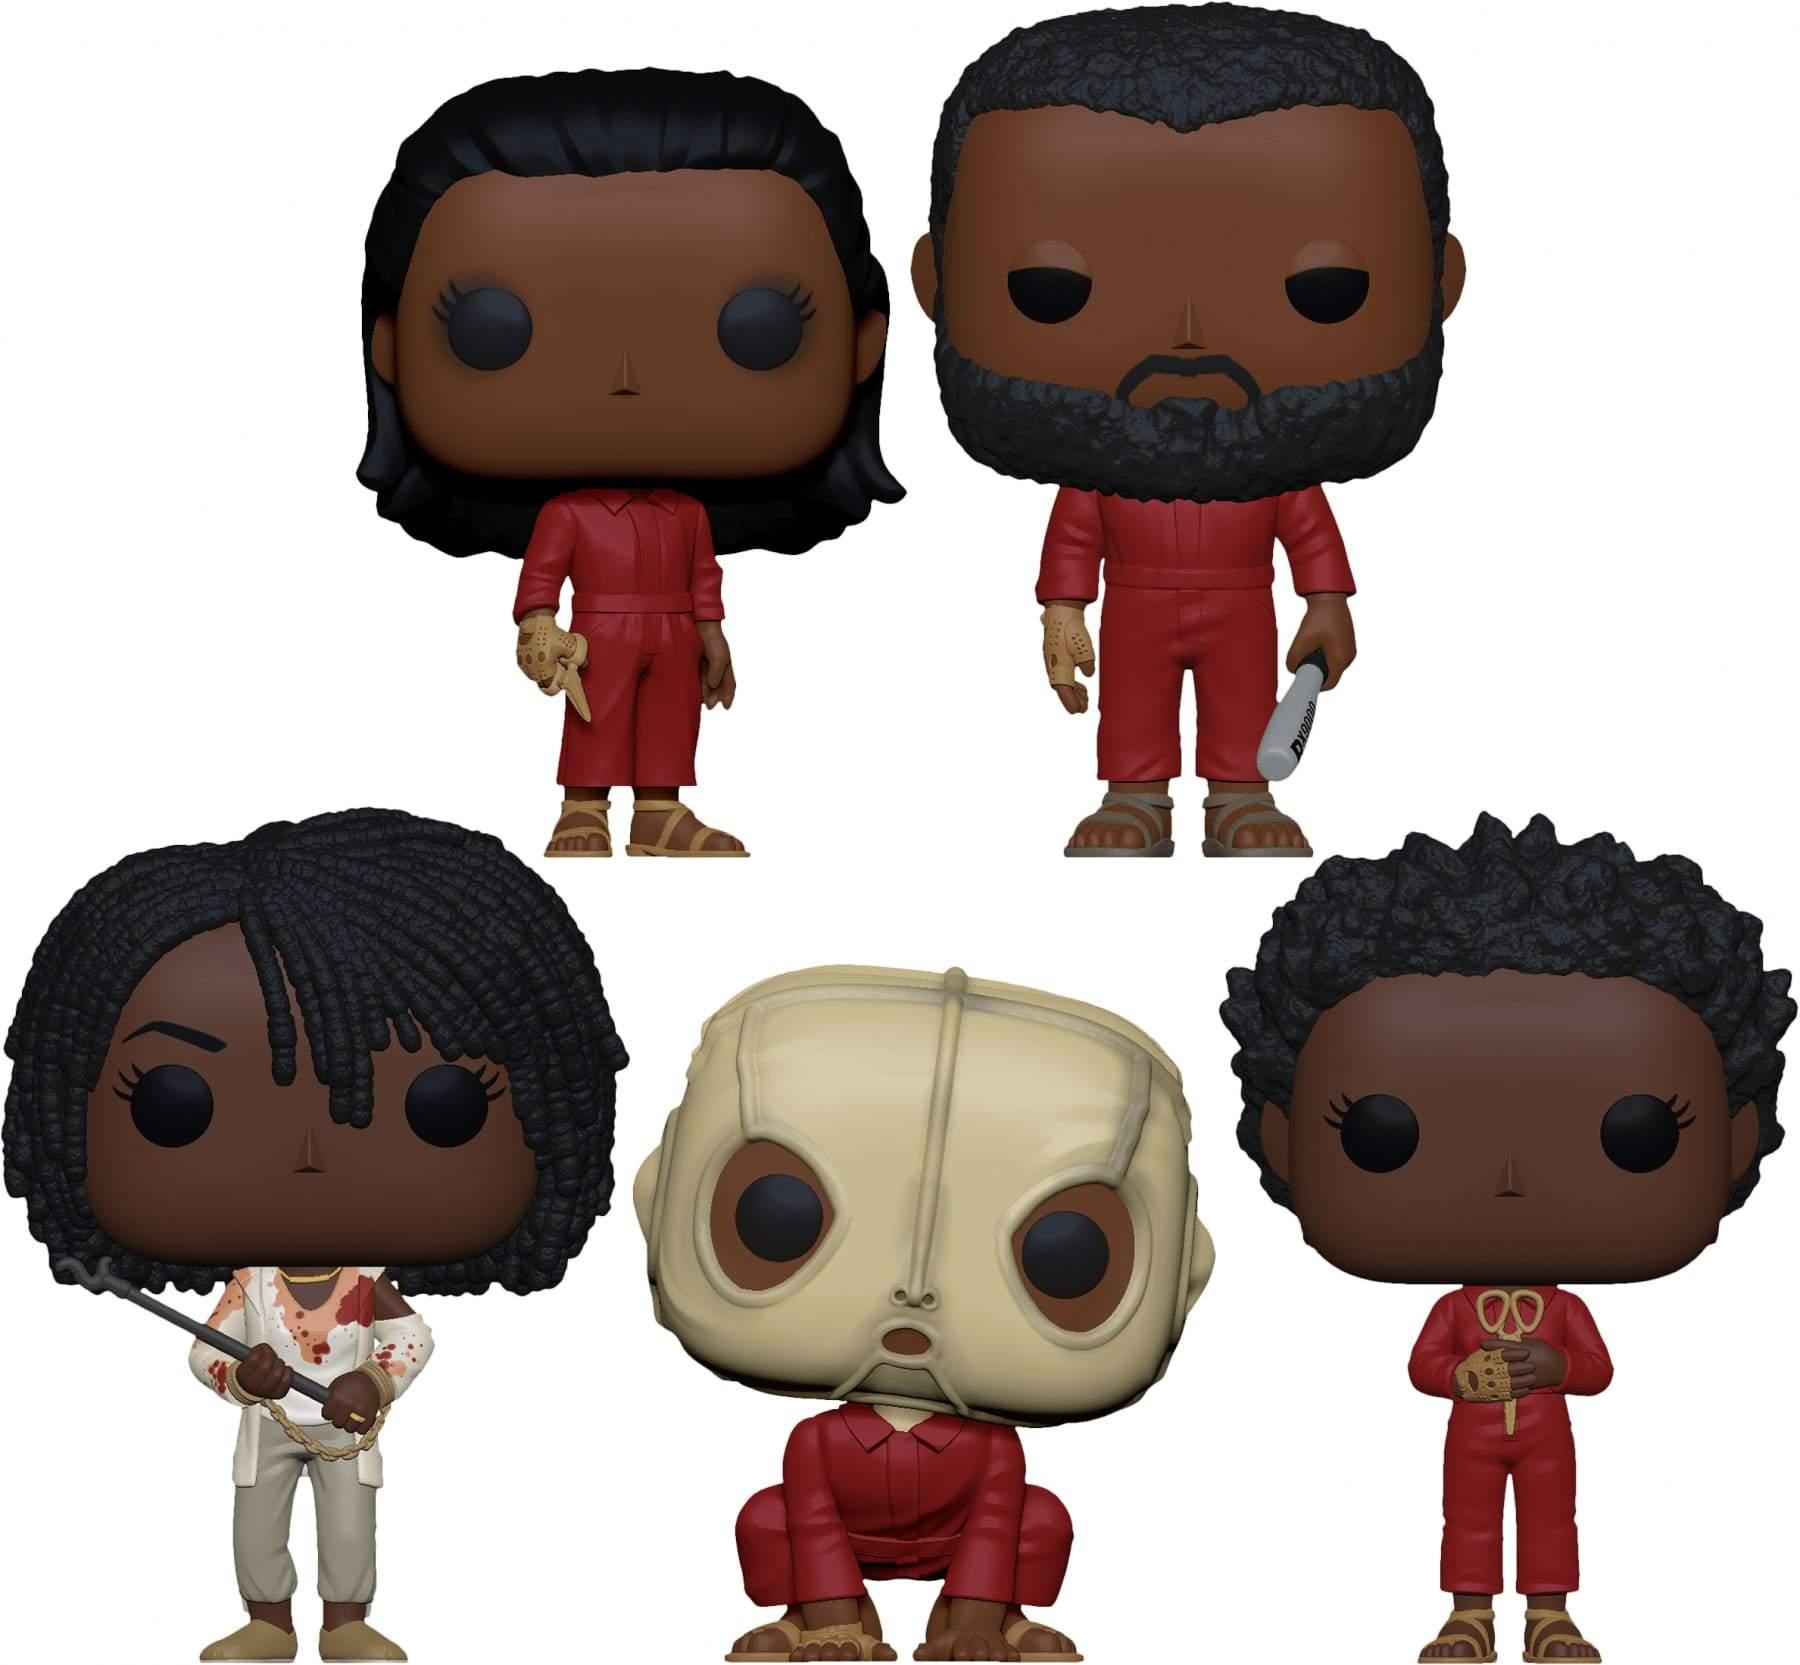 Image Us Pop! Pre-Order Bundle (Set of 5)